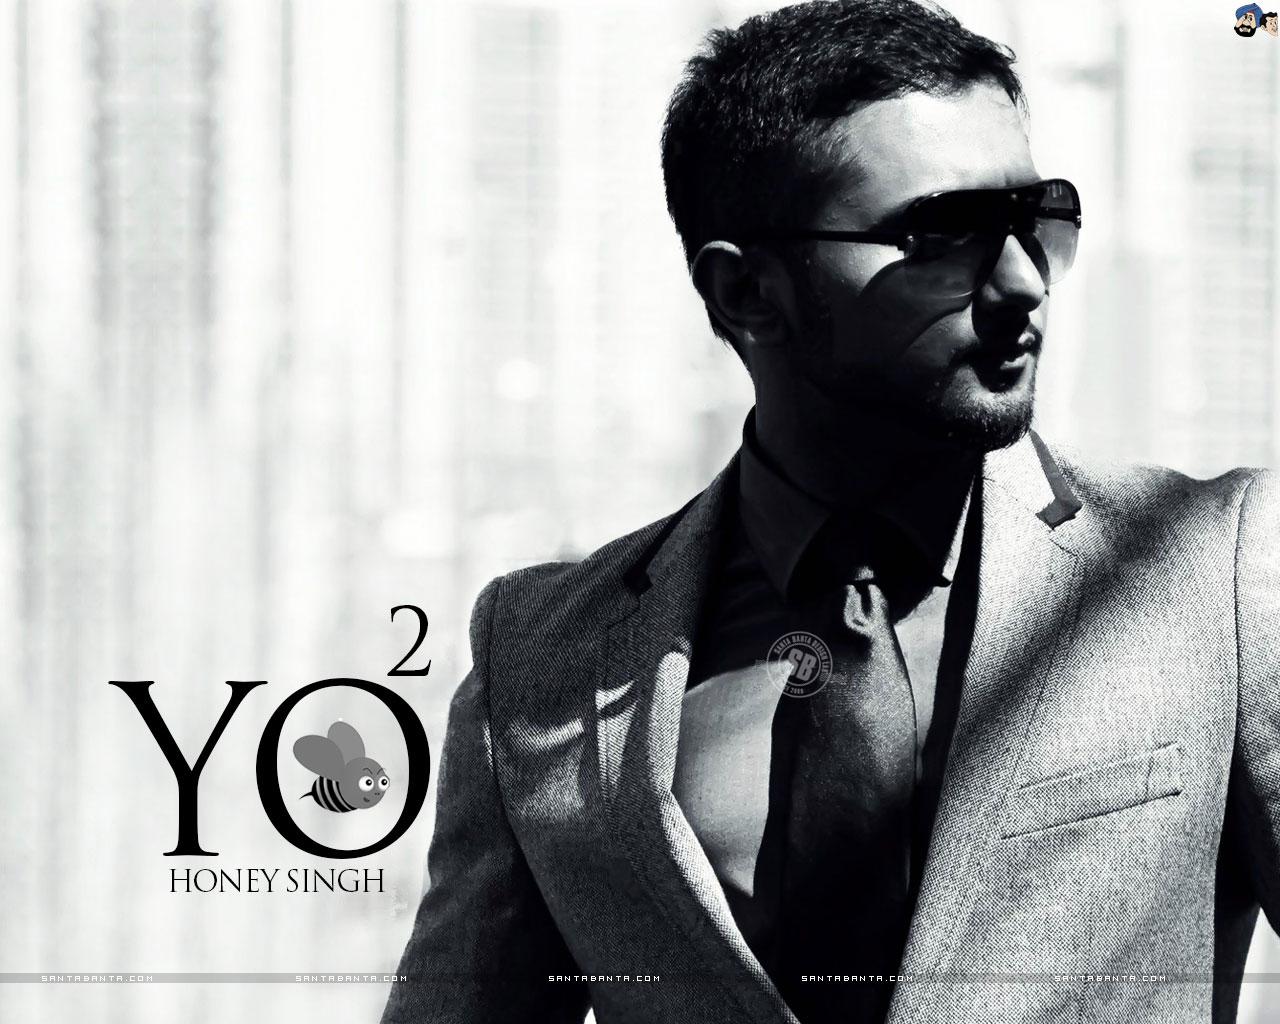 Yo Yo Honey Singh Hd: Yo Yo Honey Singh Wallpaper